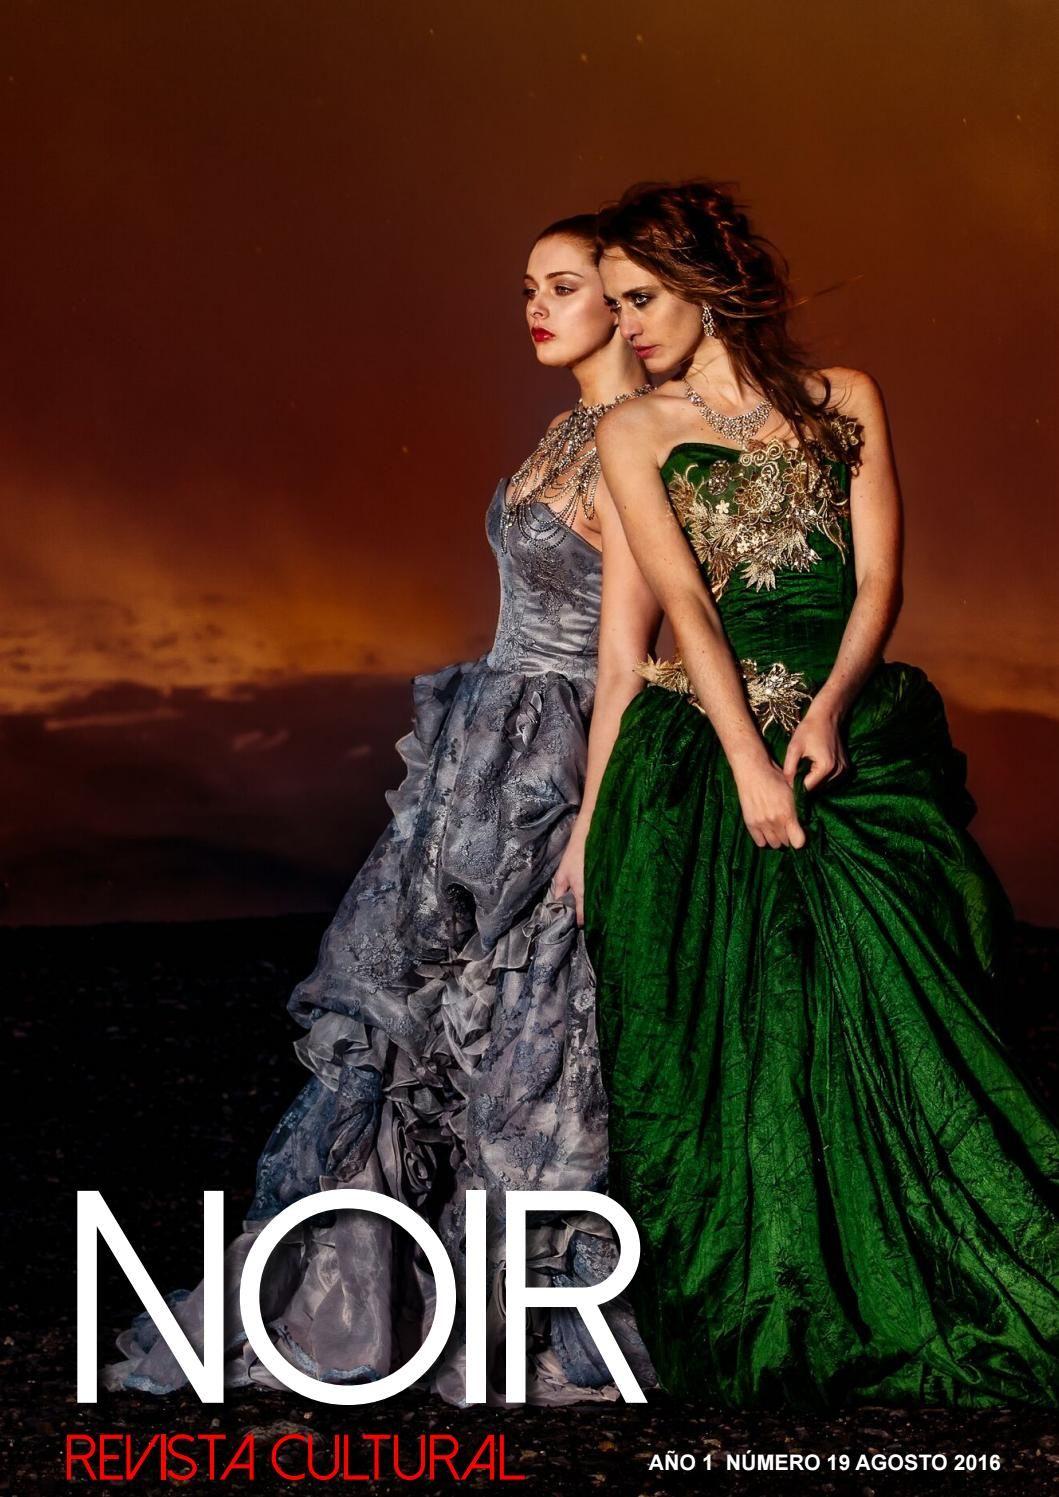 Noir, revista cultural